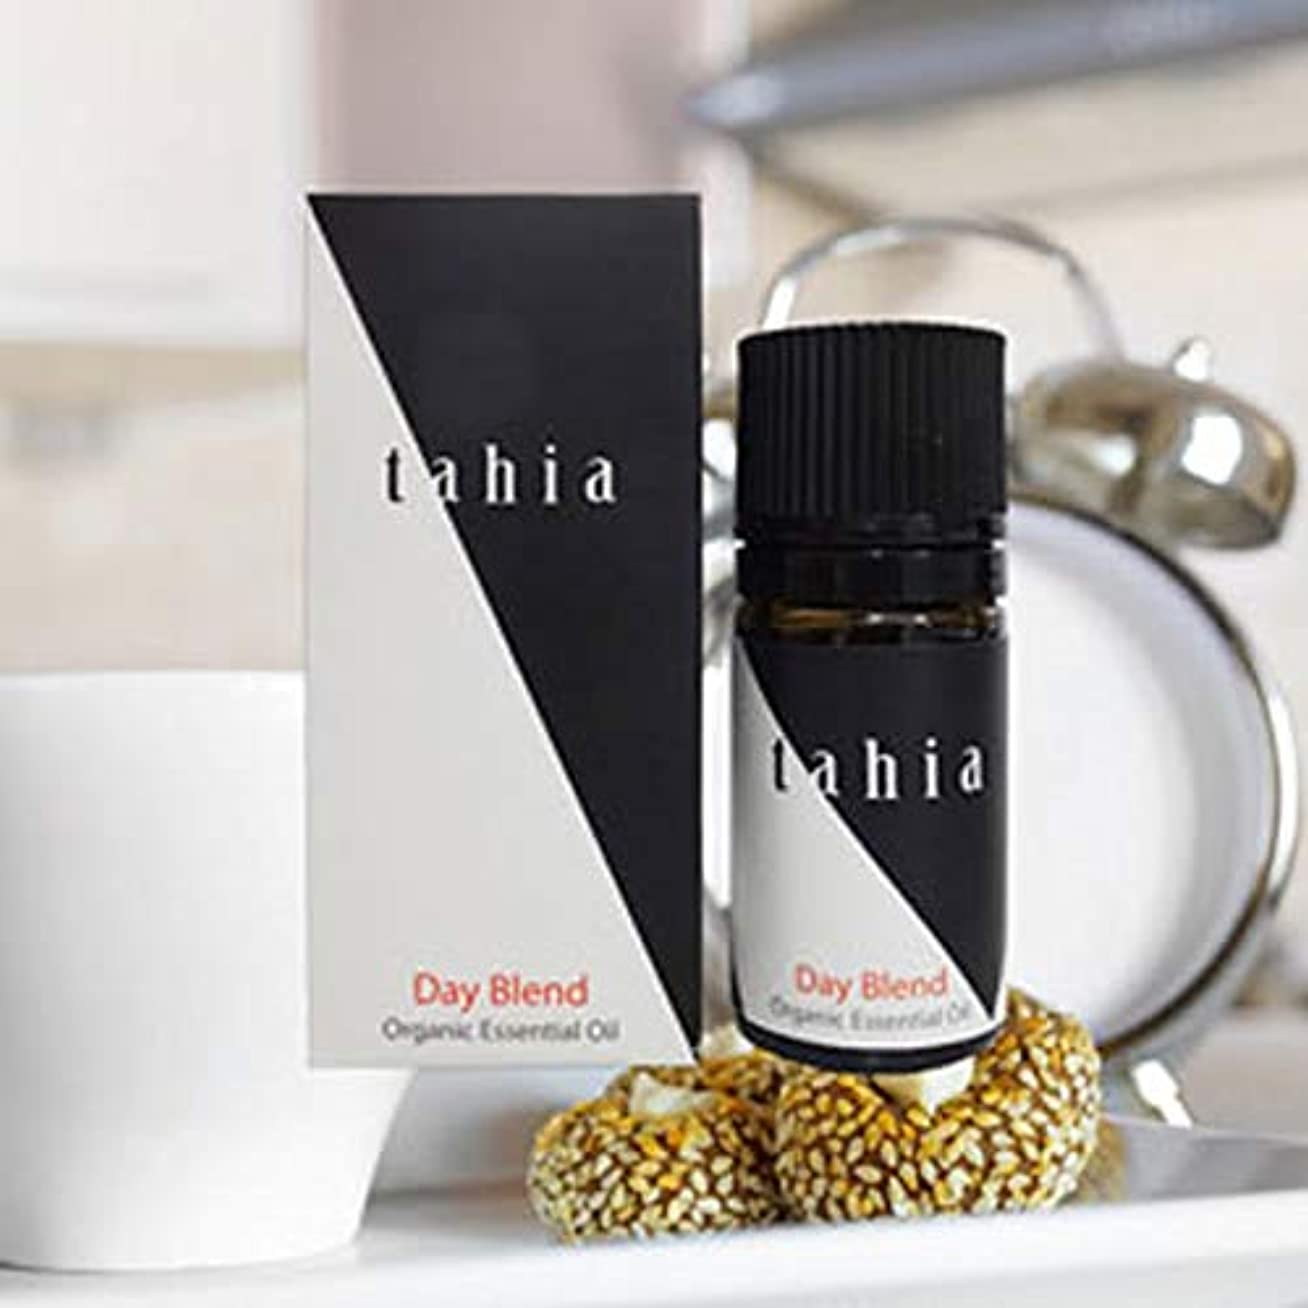 境界複製二次タツフト タヒア tahia デイブレンド  エッセンシャルオイル オーガニック 芳香 精油